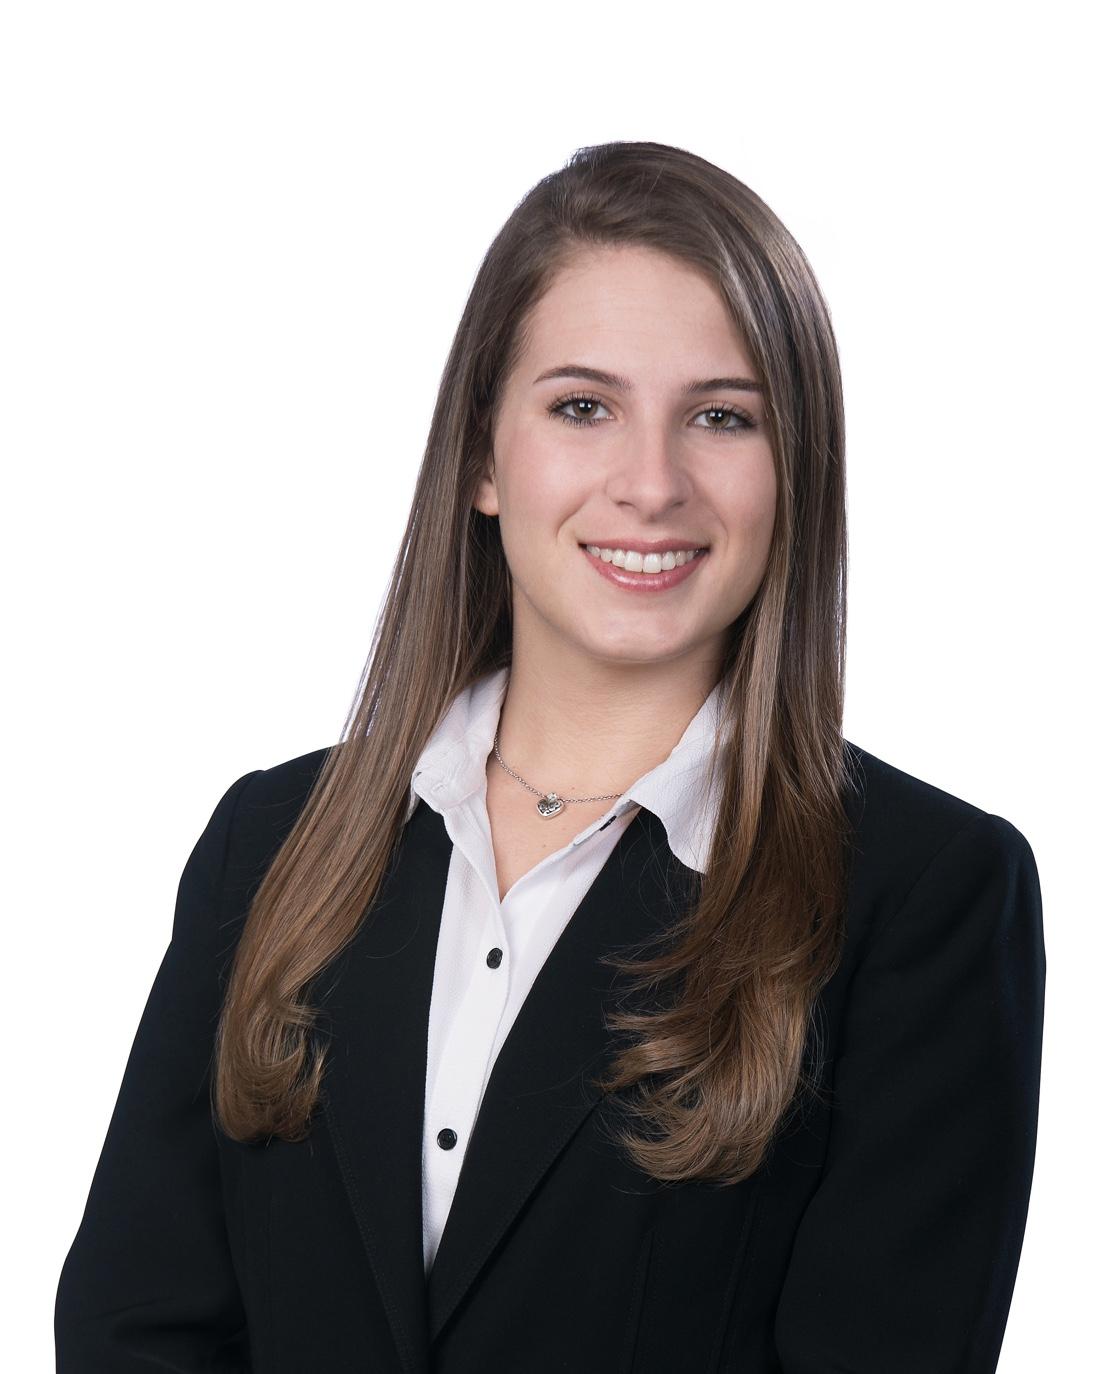 Shawna Atalla, Legal Assistant, Moskowitz LLP